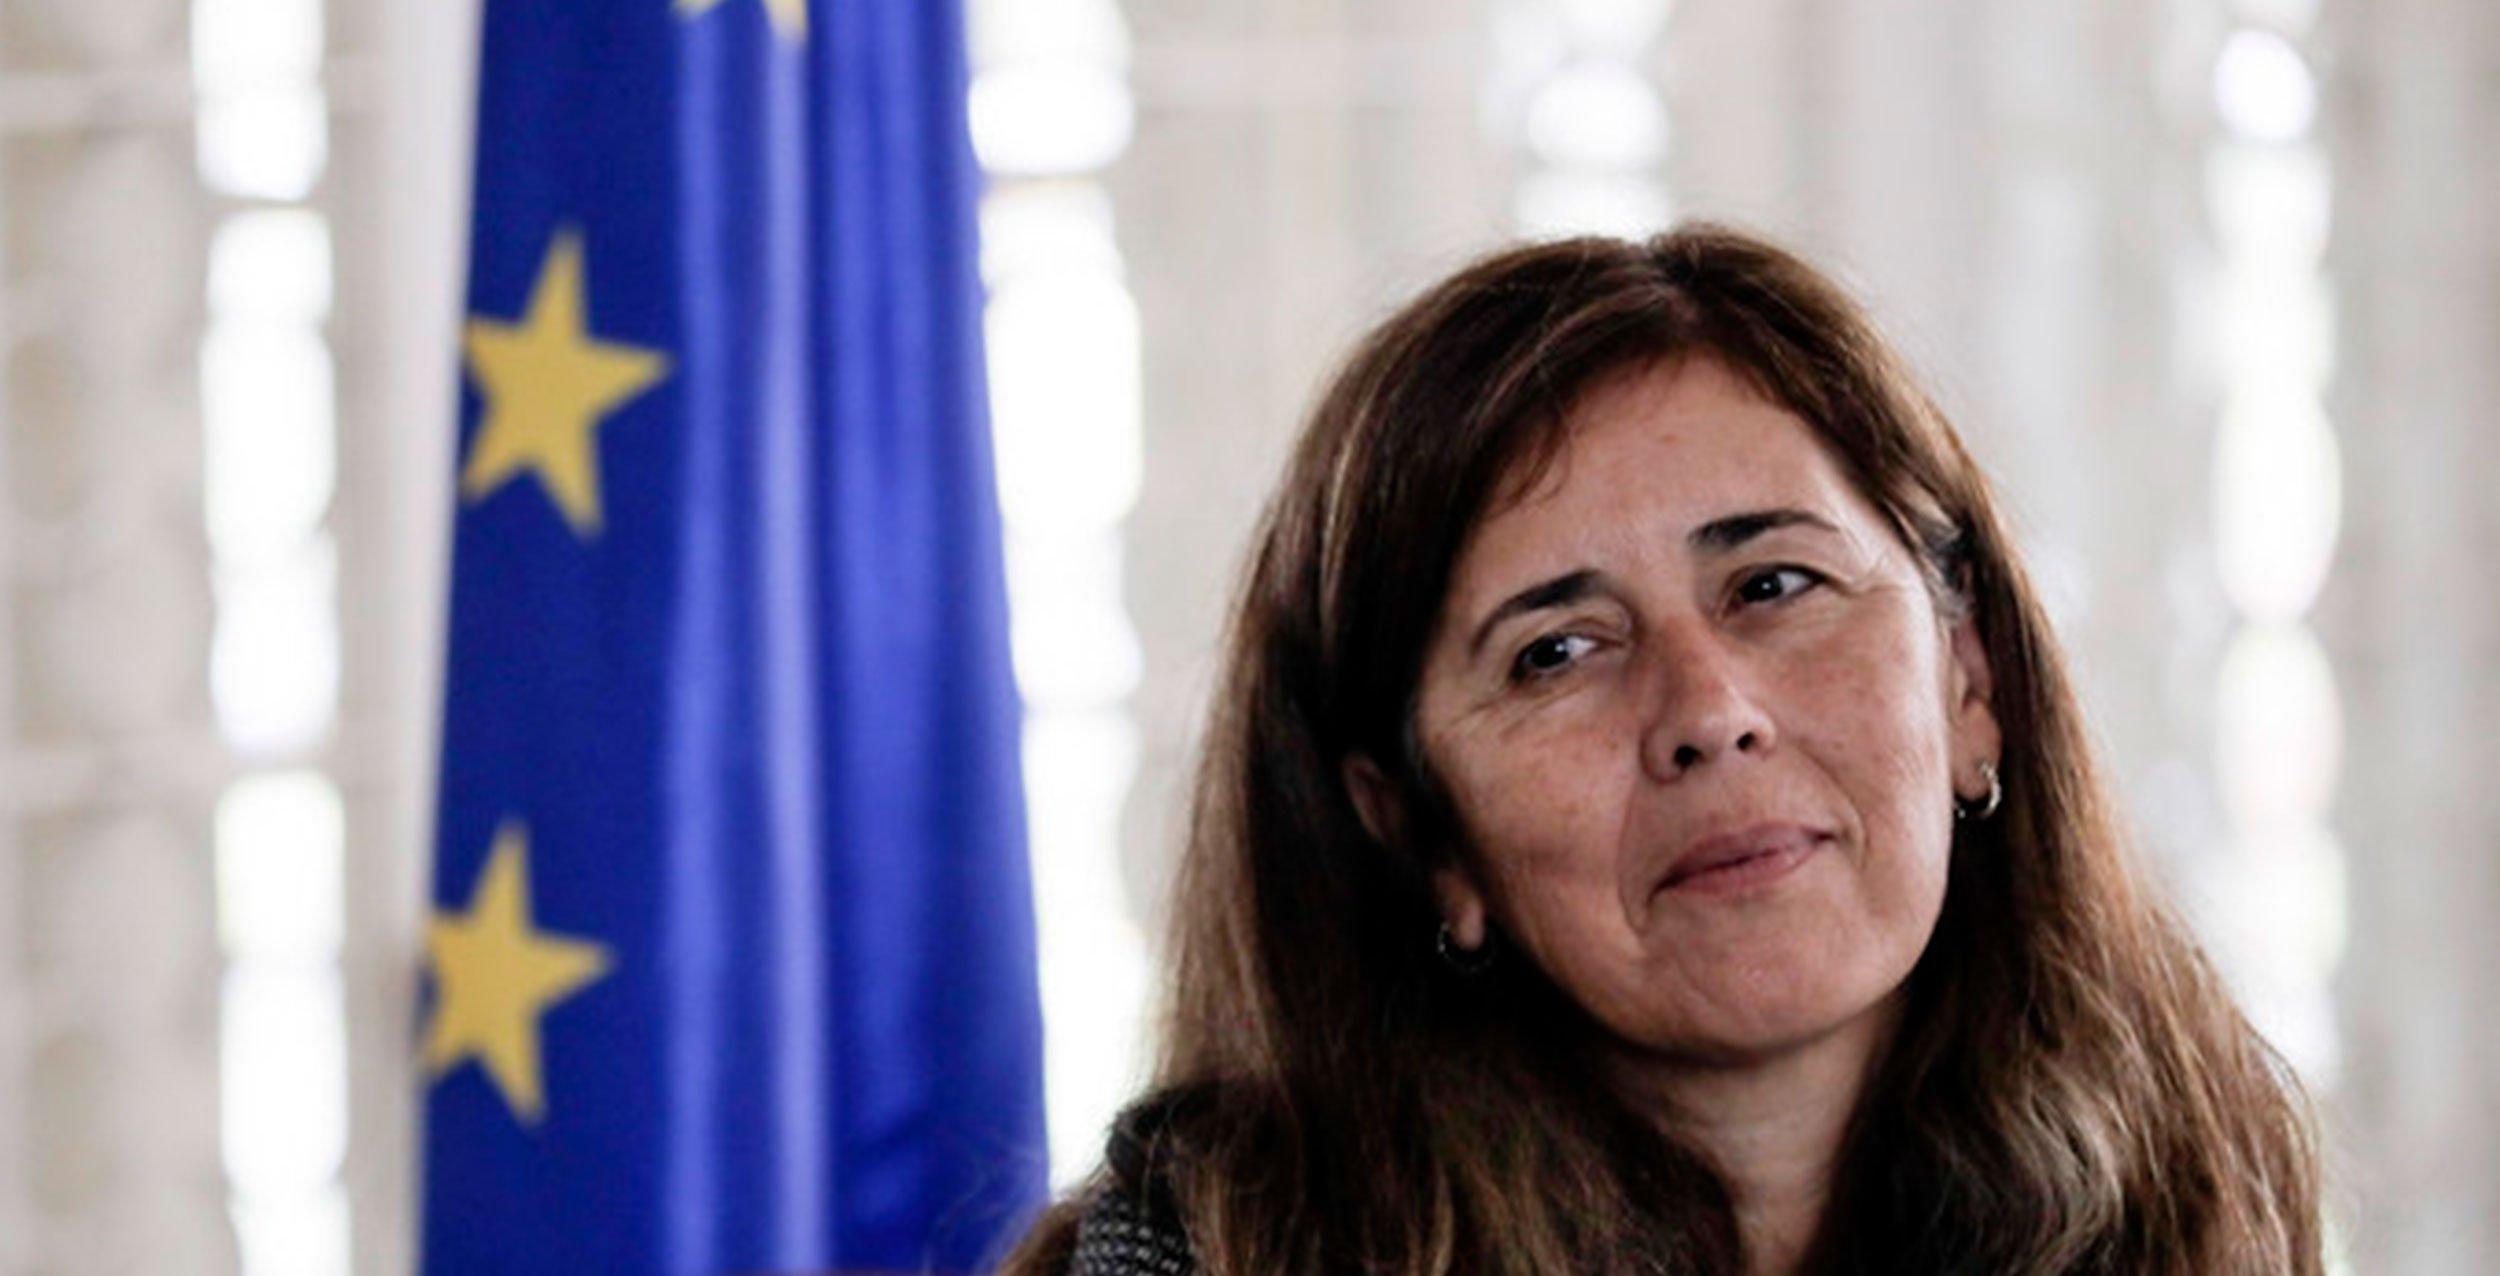 Unión Europea asevera que no modificará su decisión sobre Venezuela tras expulsión de su embajadora